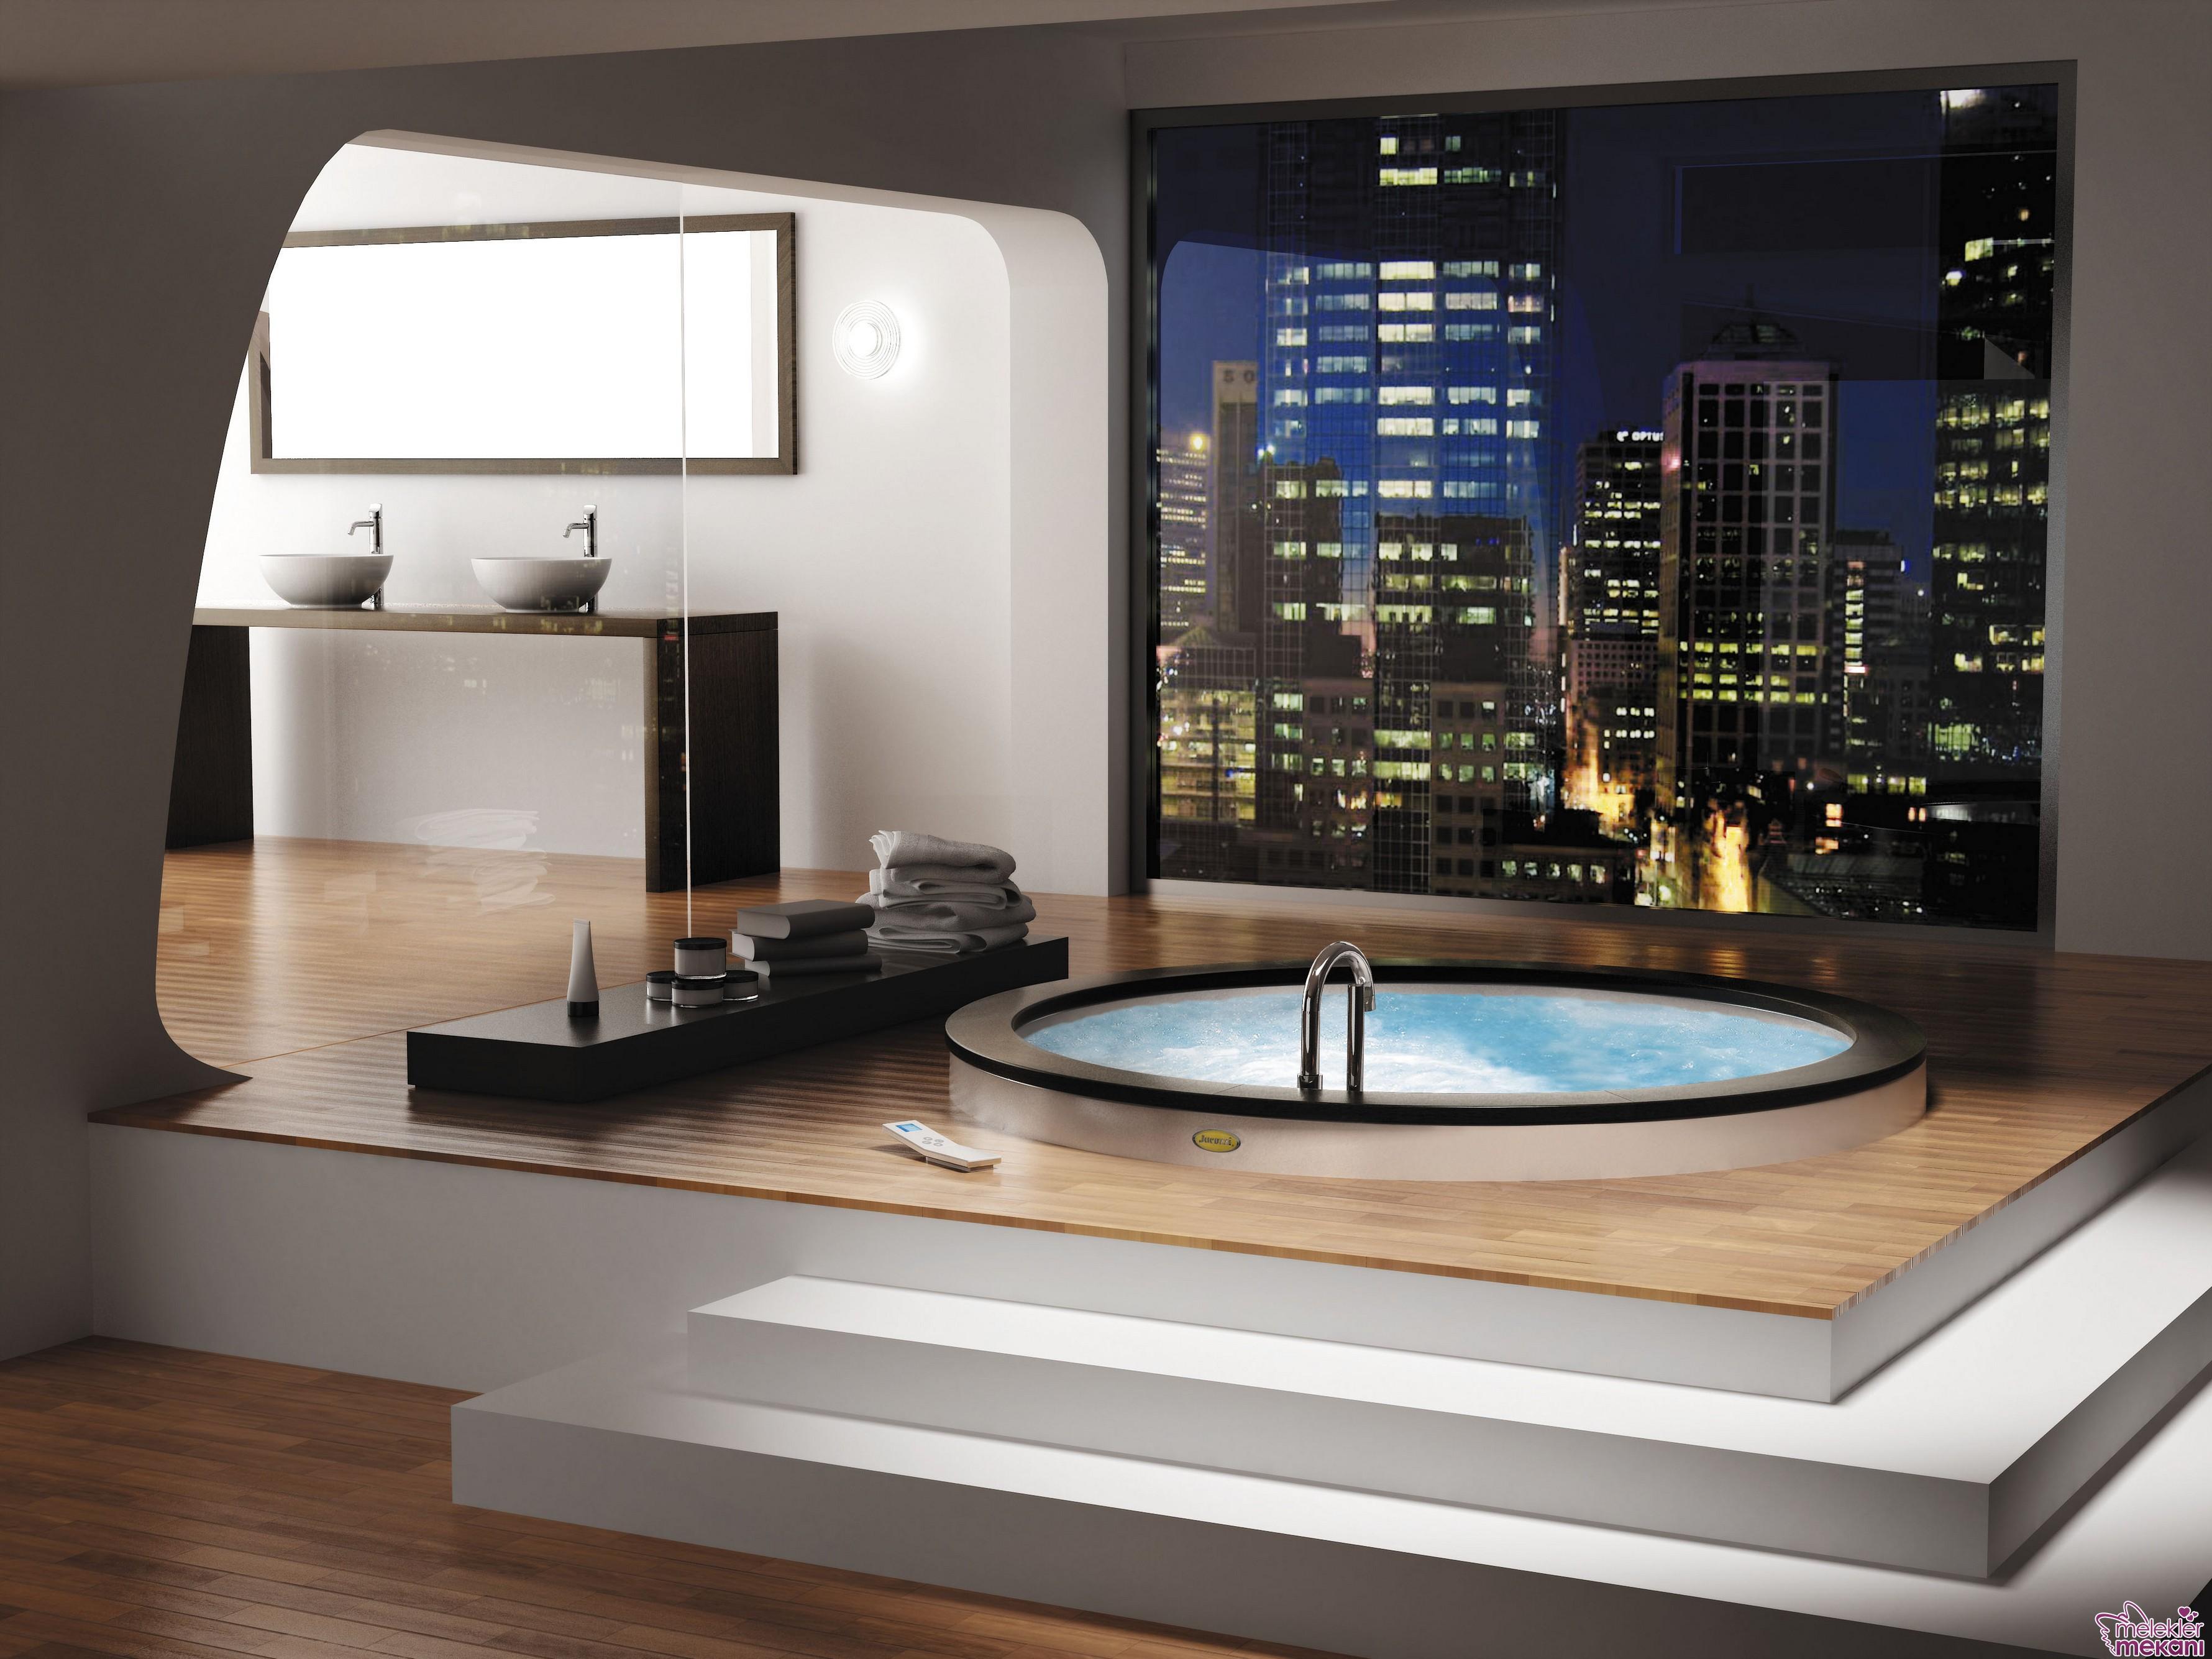 Manzaralı duvar kağıtları modern görünümlü banyo oluşumuna yardımcı ürünlerdir.